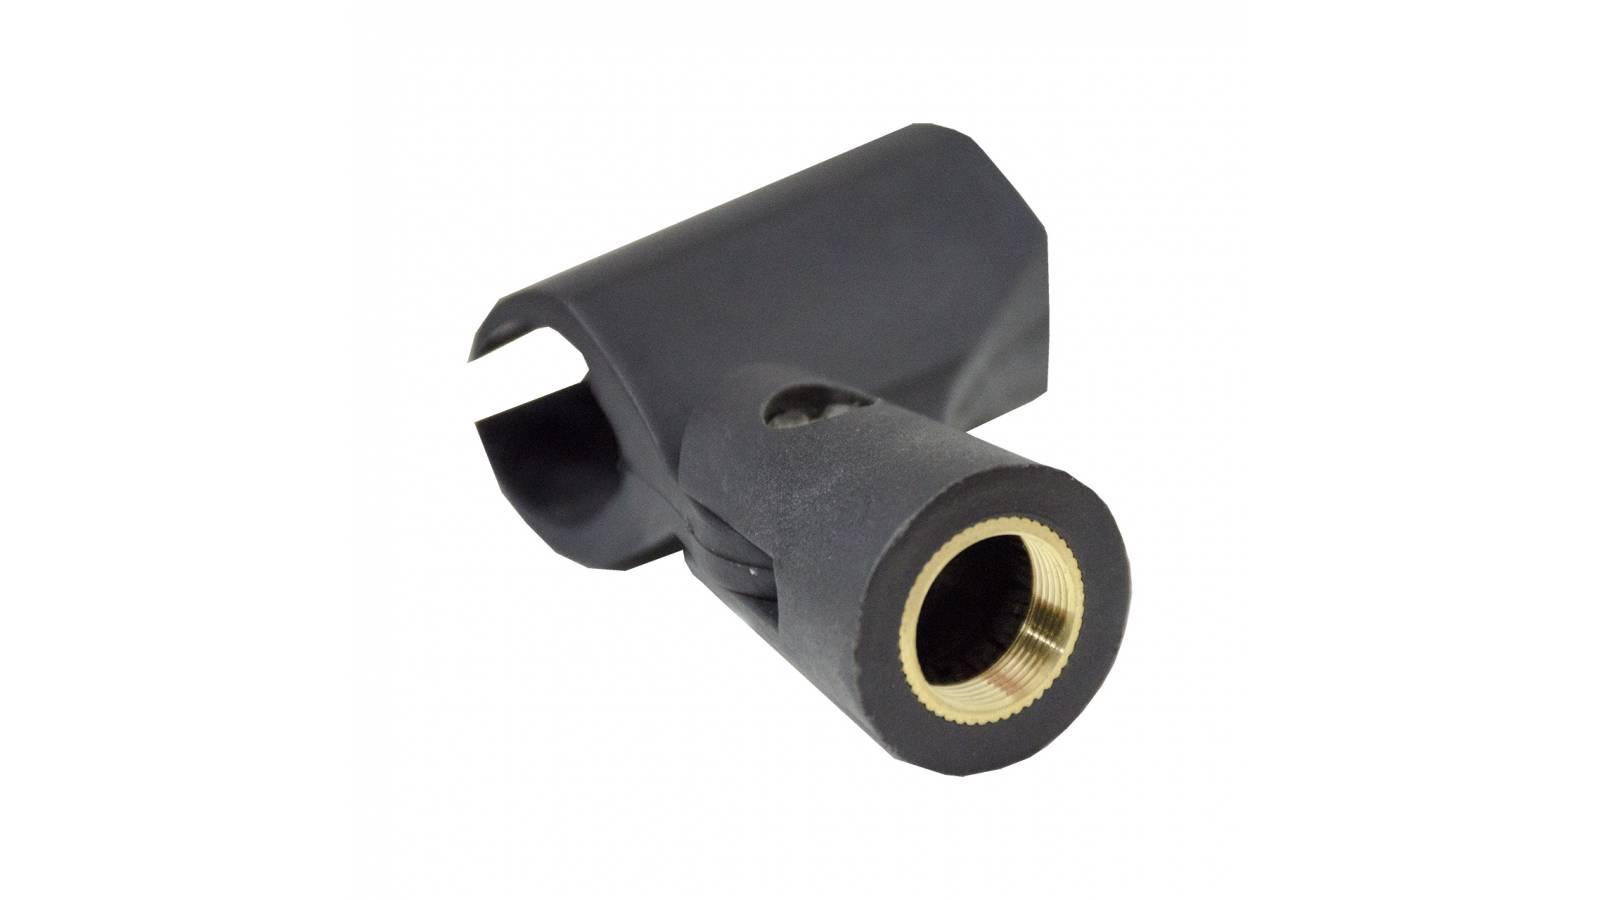 Porta Micrófono / Pipeta / Clamp Económico con Rosca de Metal